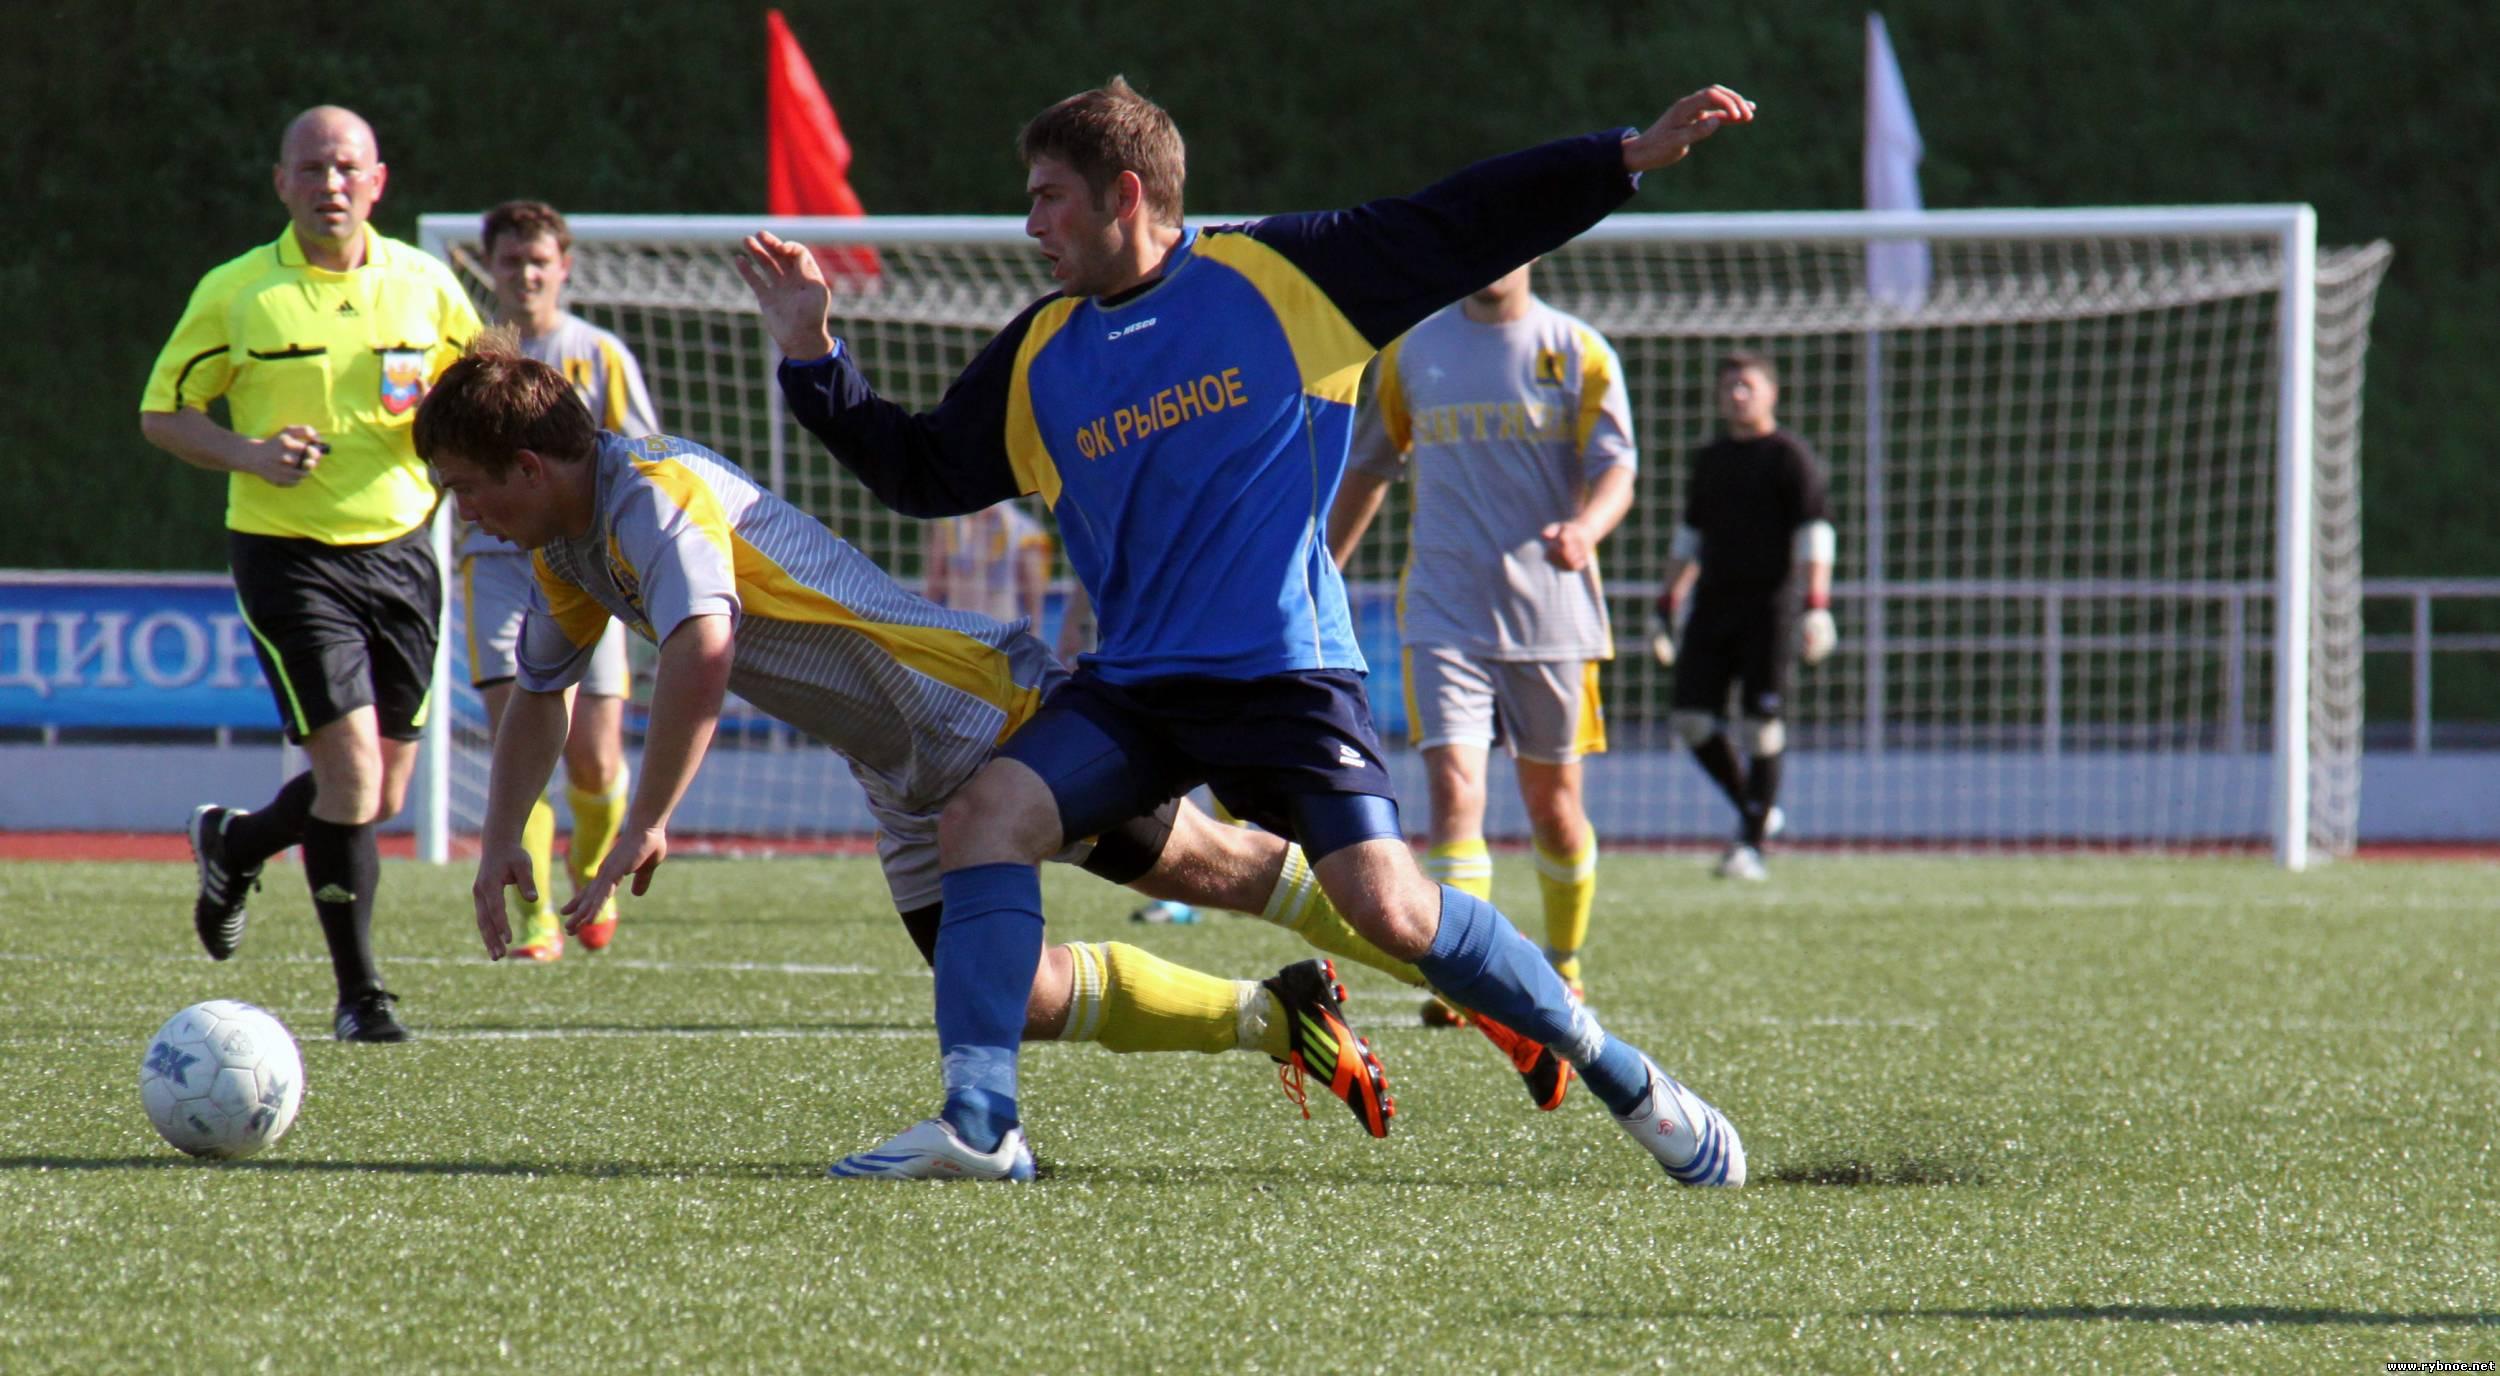 Финал кубка по футболу 2012. Рязань